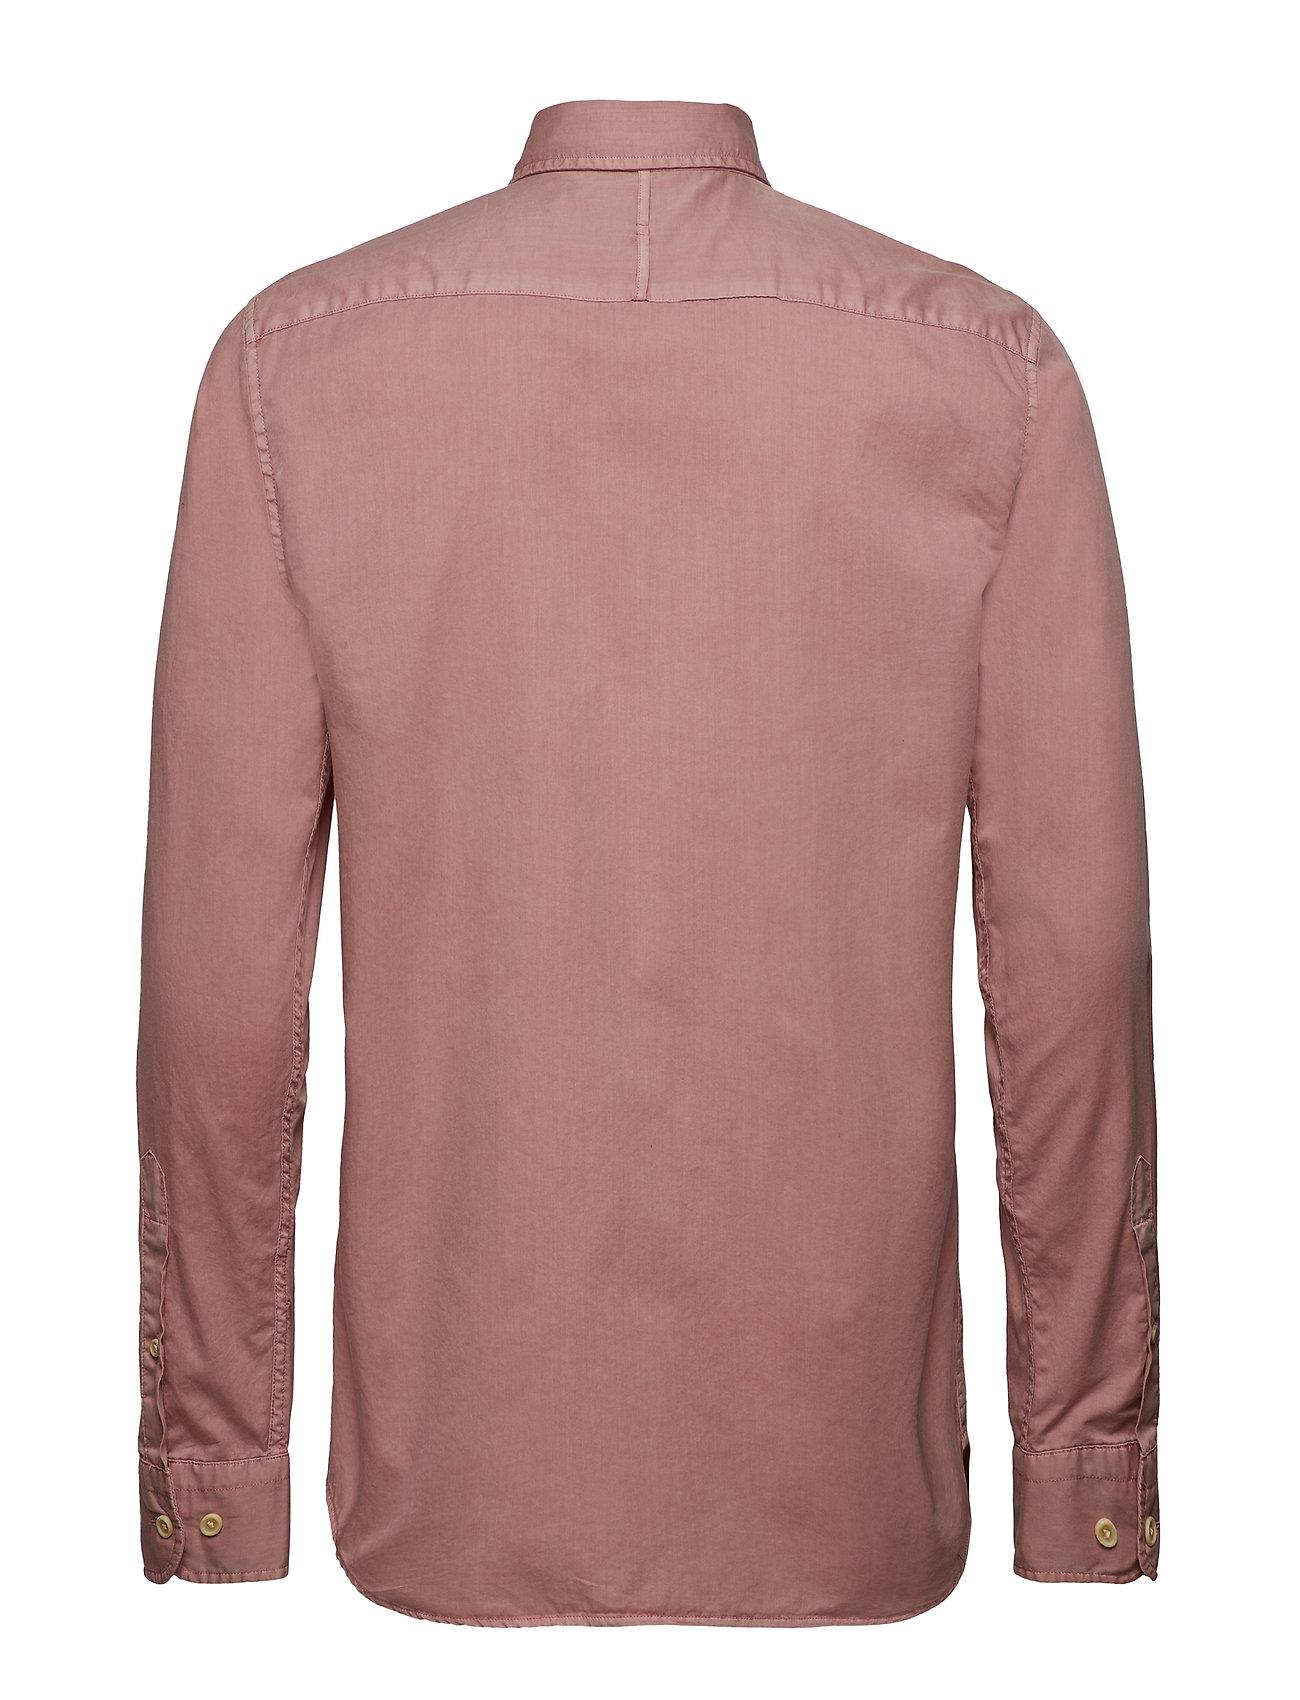 Republic Garment Ls Sl Twillatacama Dye PinkBanana XwOZPiTkul